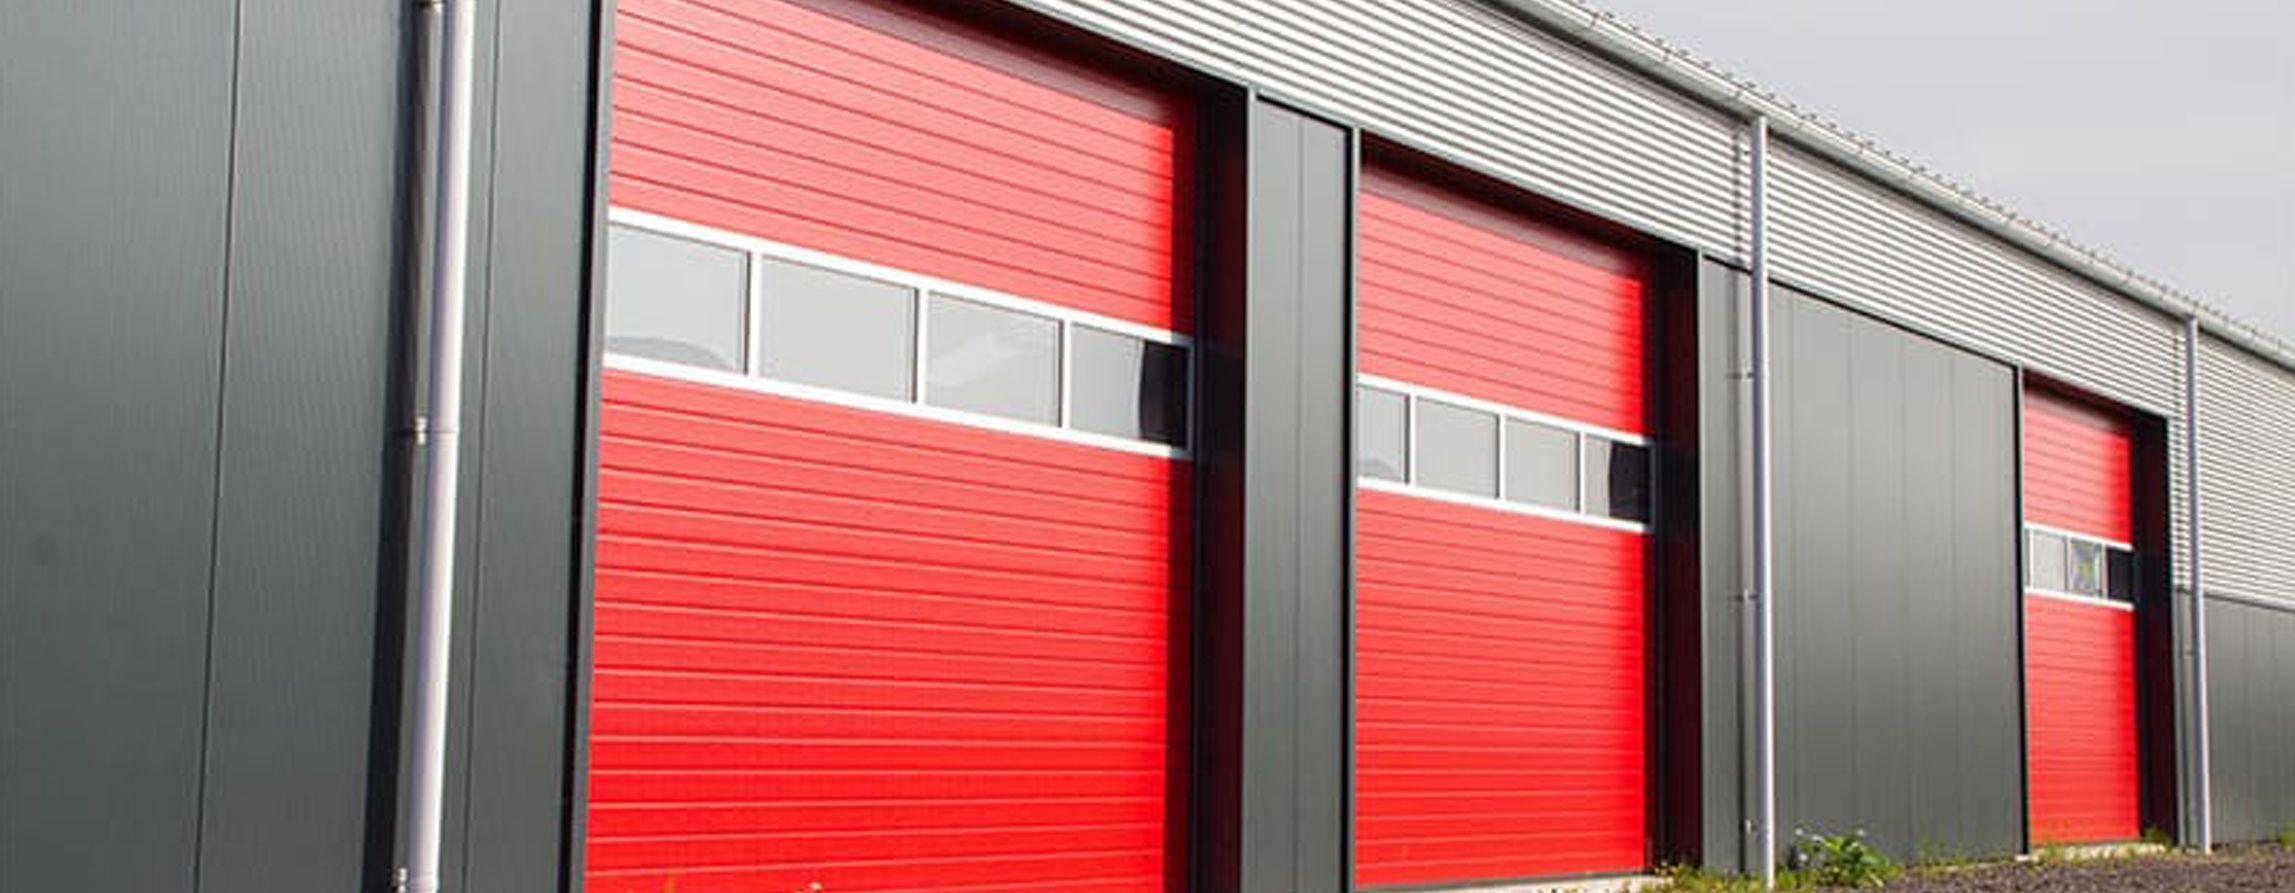 custom-commercial-garage-doors-phoenix-az